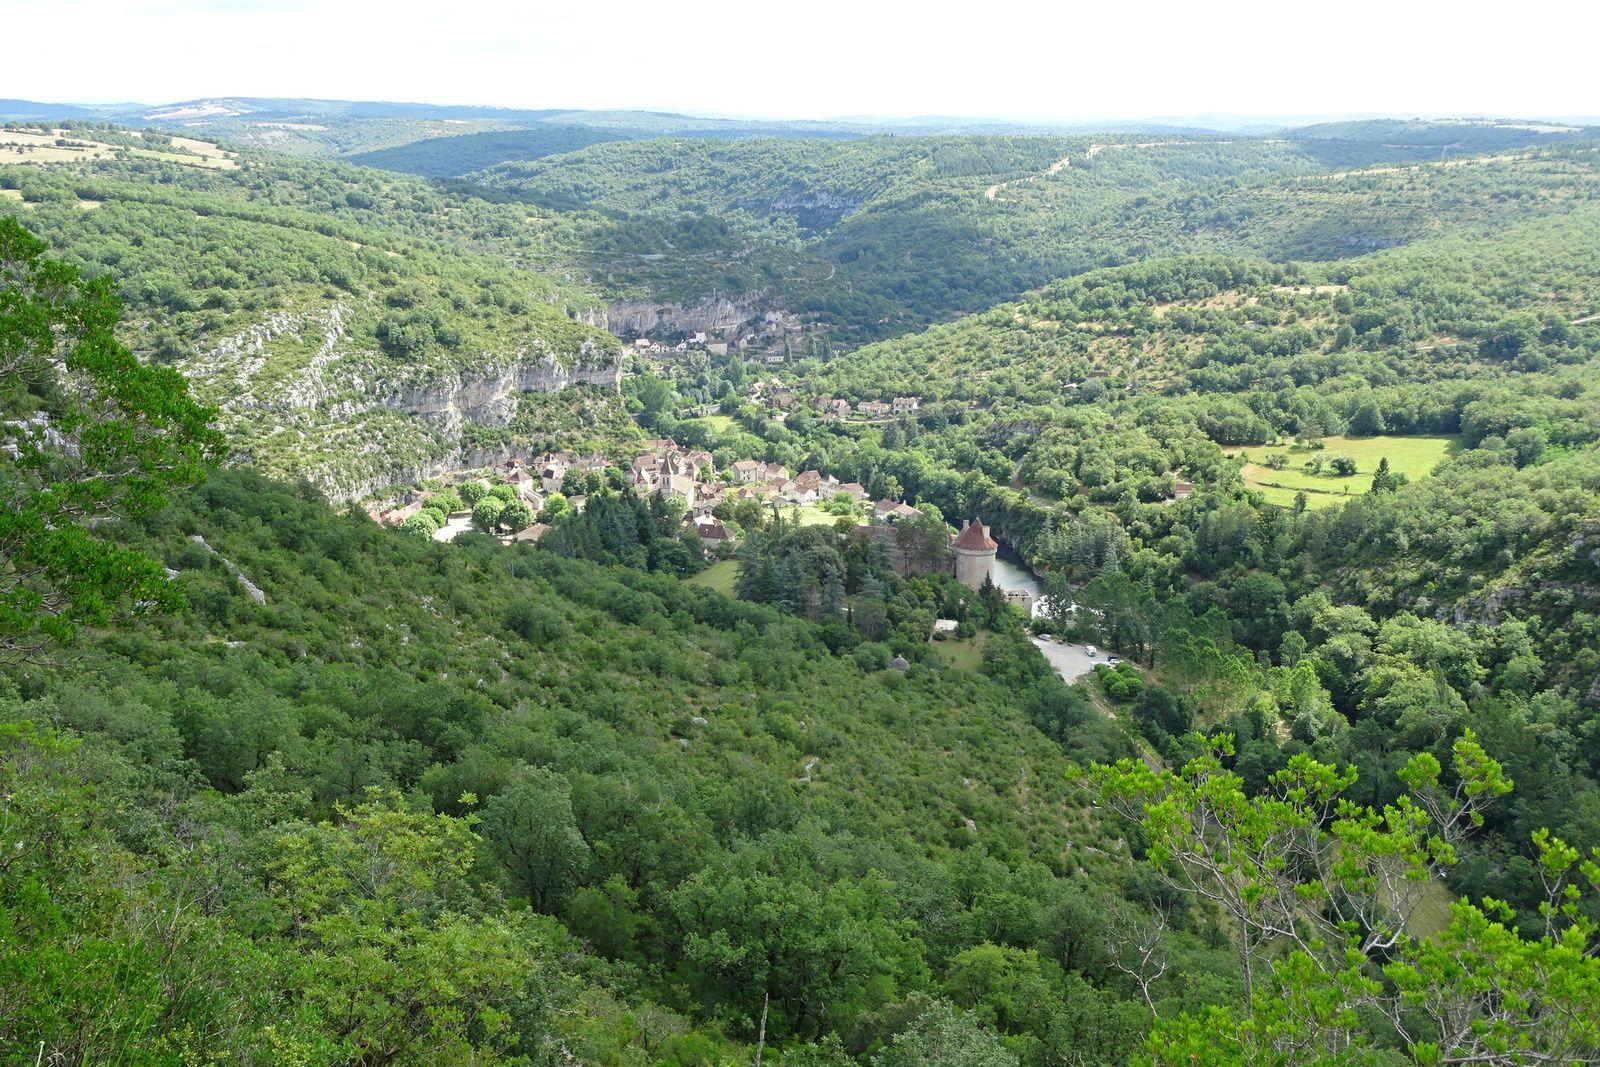 En chemin nous avons un beau point de vue sur le village de Cabreret.